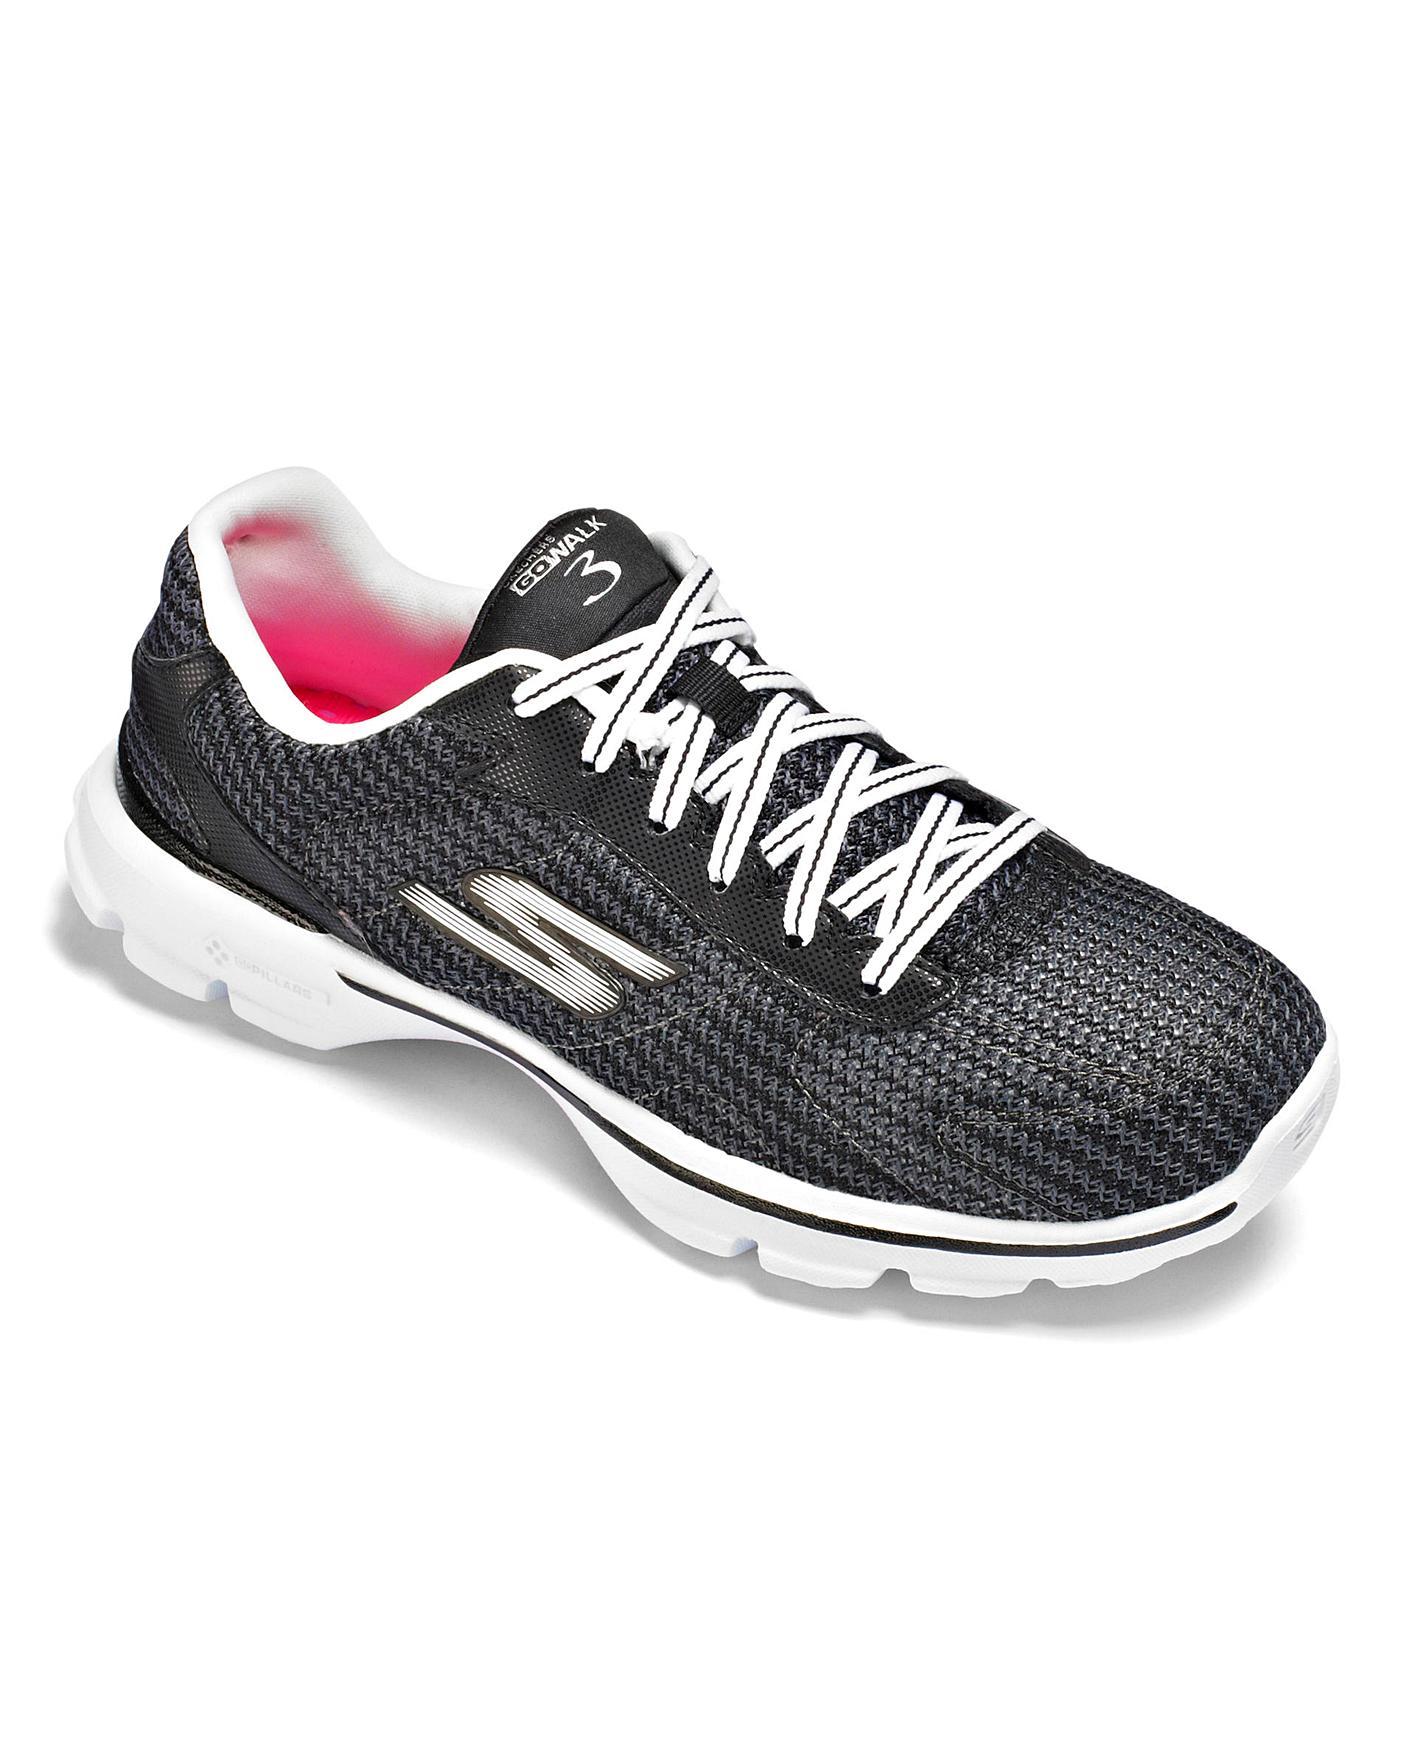 2ff8f7f9163c Skechers Go Walk 3 Trainers Std Fit